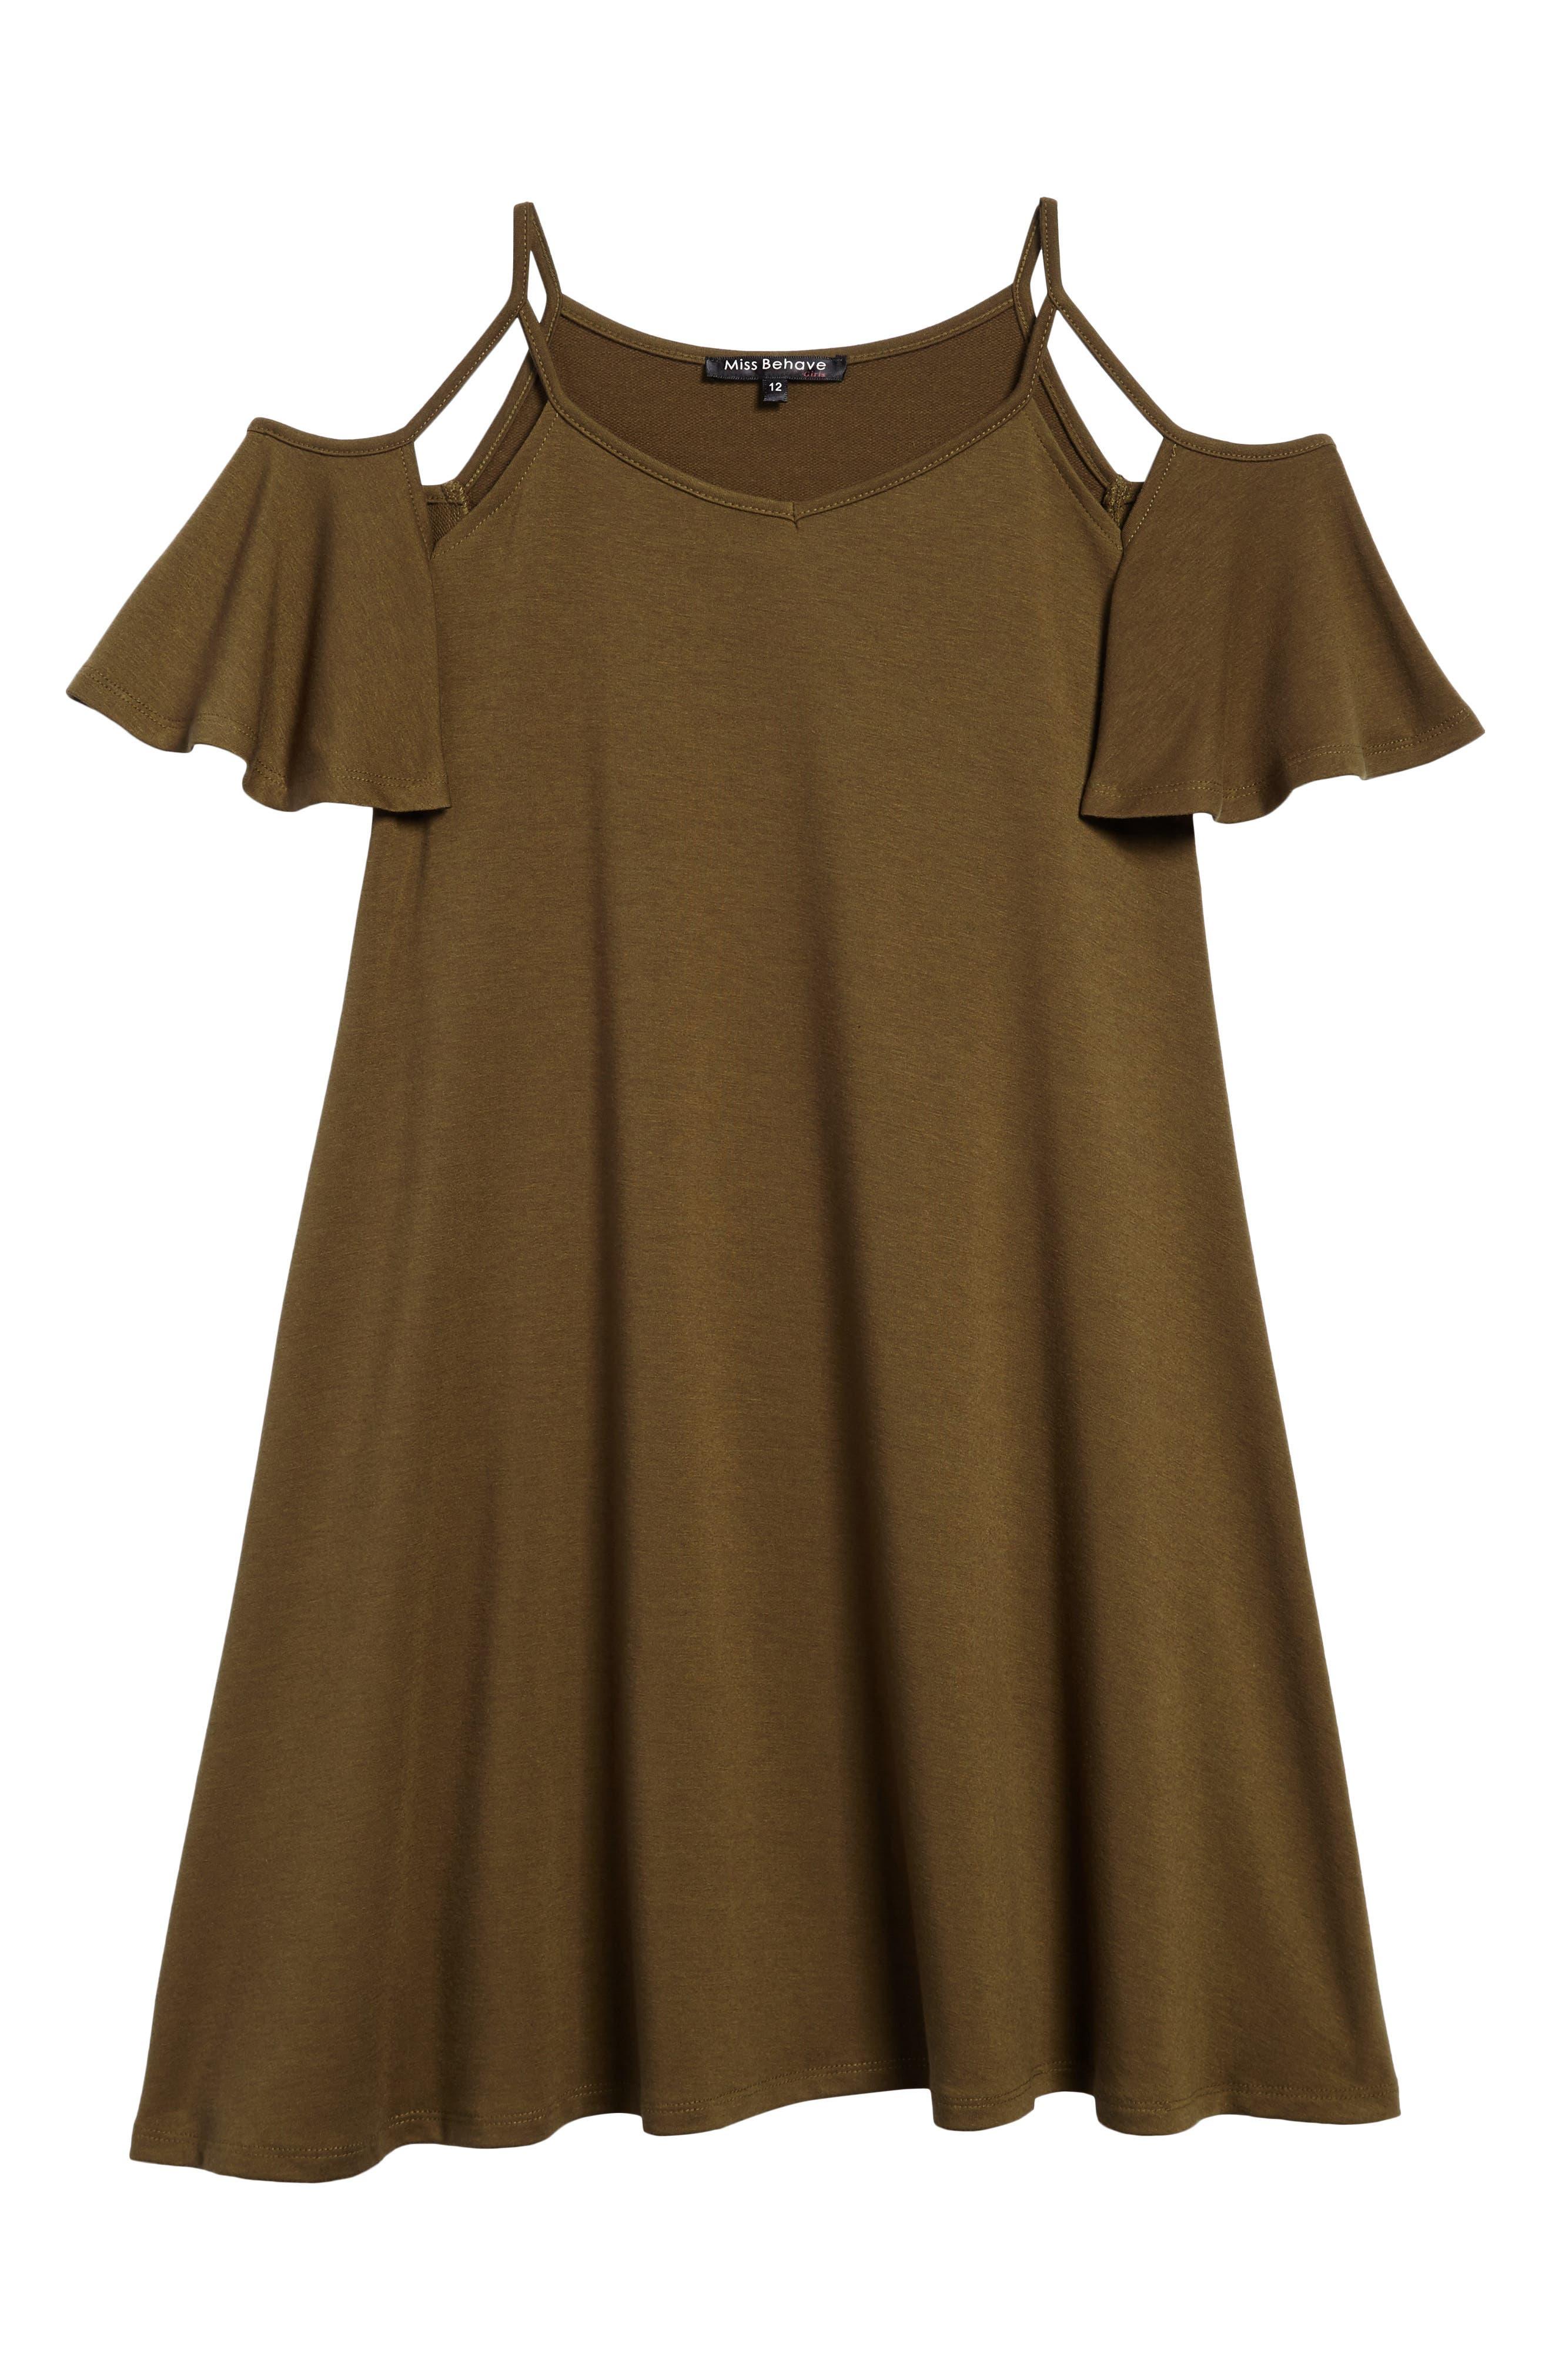 Alternate Image 1 Selected - Miss Behave Cold Shoulder Dress (Big Girls)